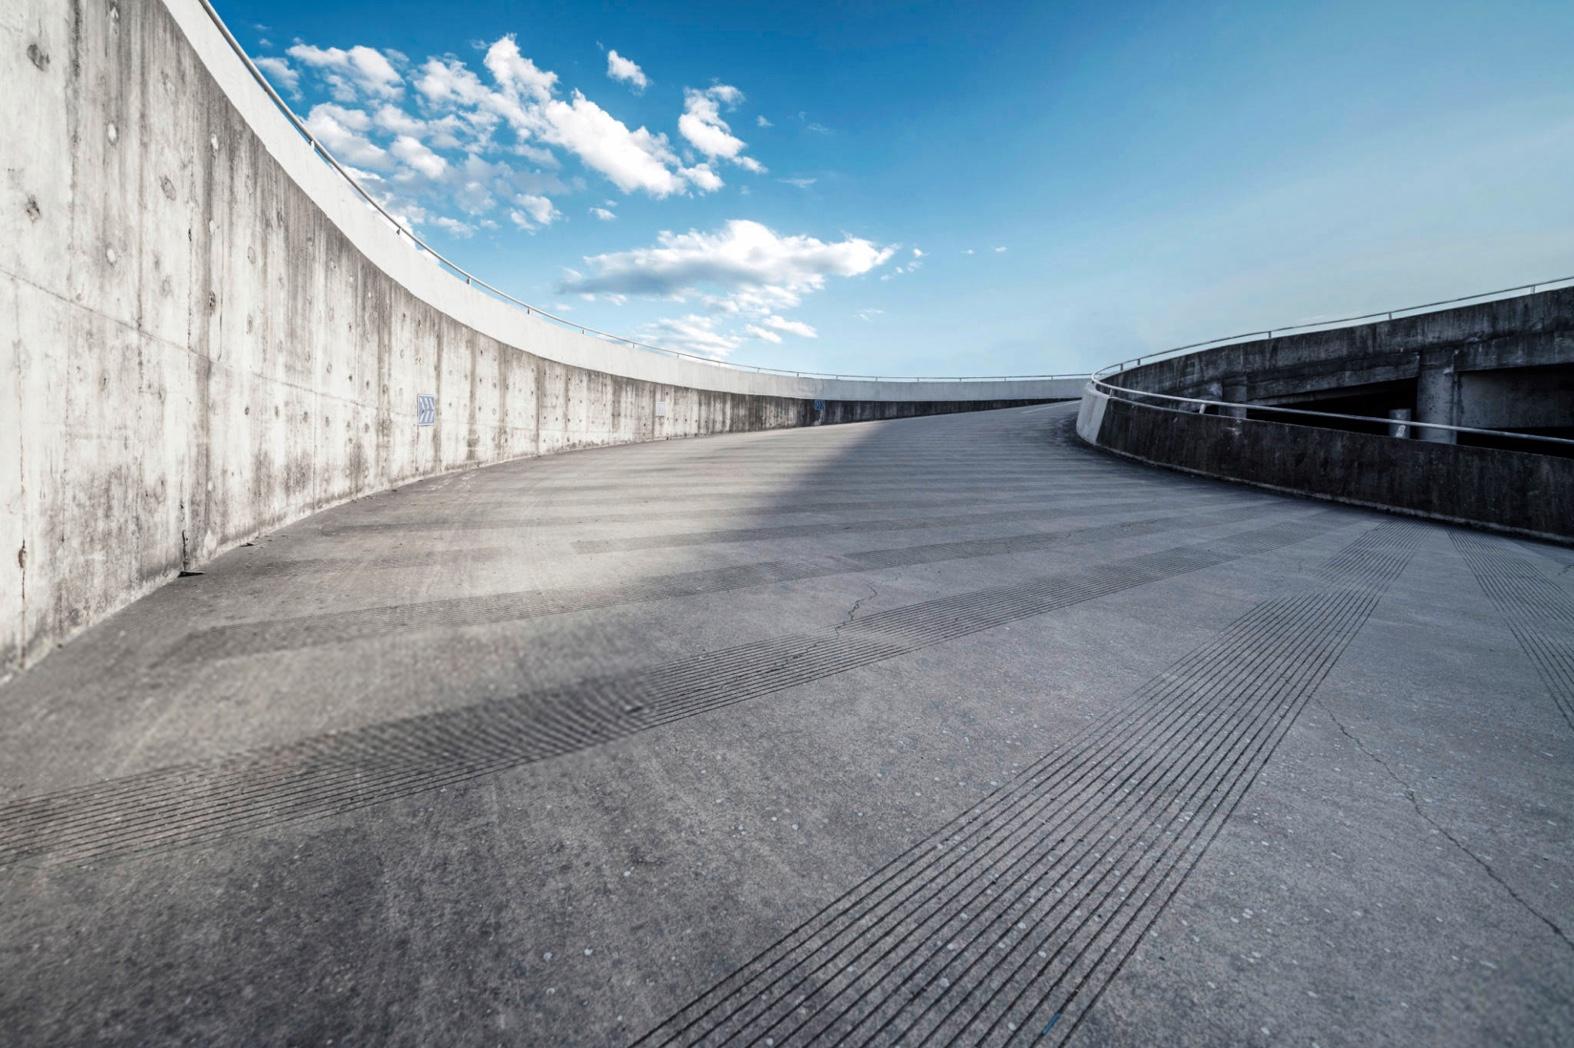 Zement innovativ weiterentwickeln